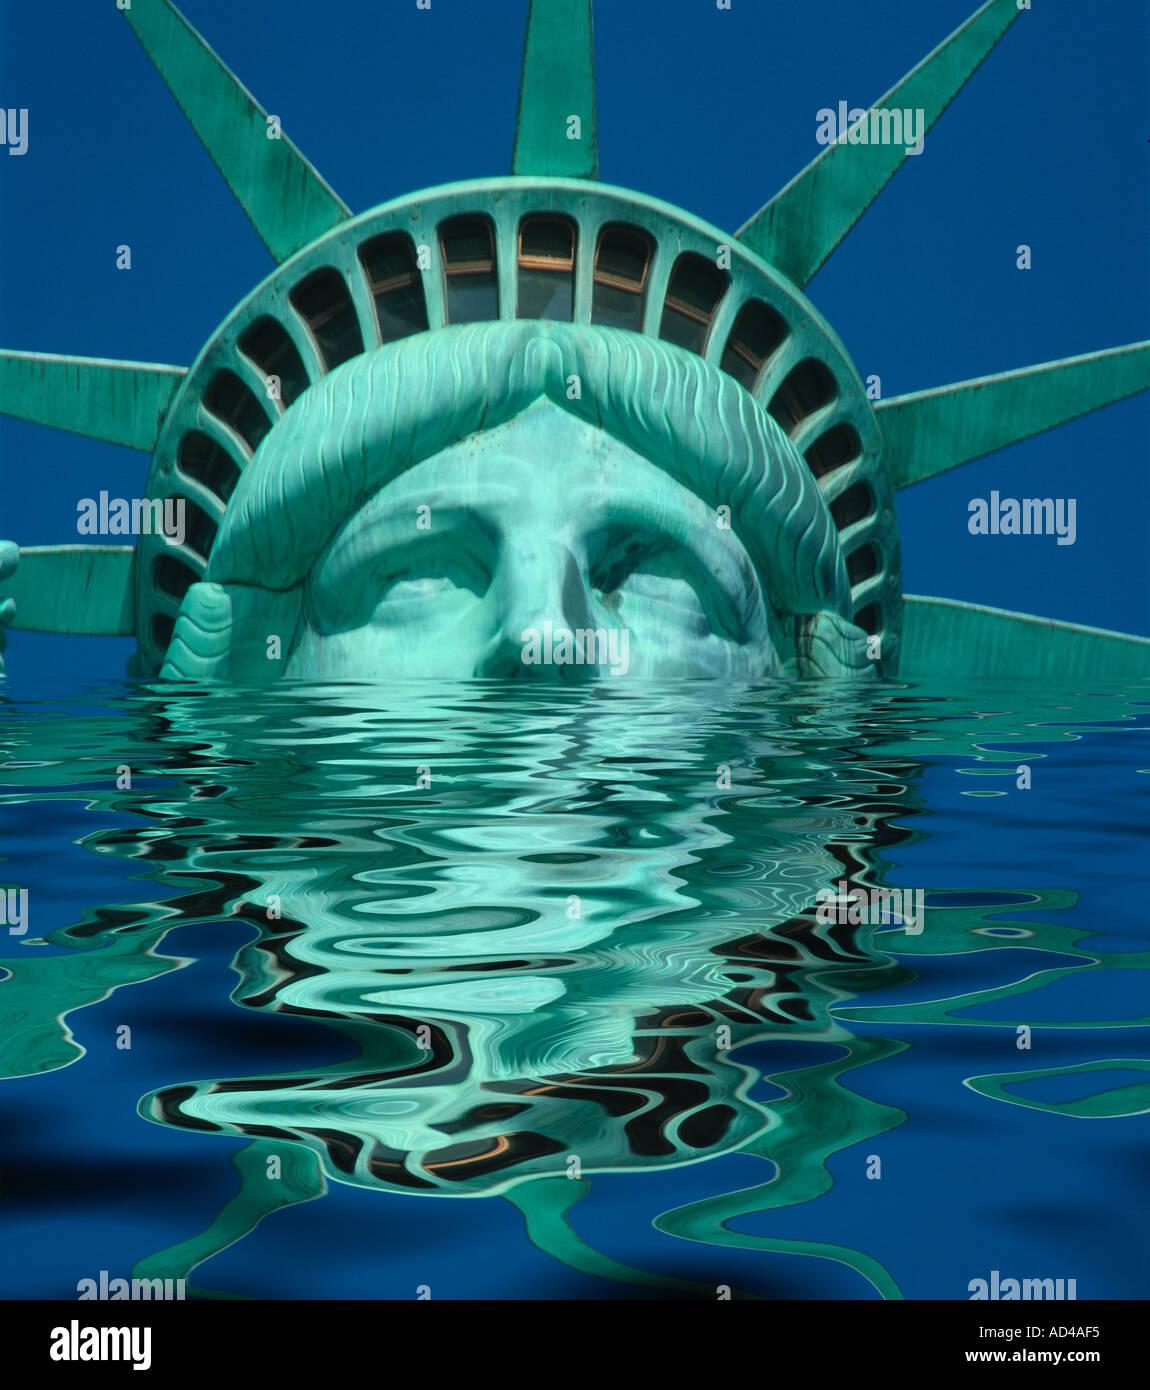 Concetto astratto immagine Statua della Libertà USA inondata Immagini Stock